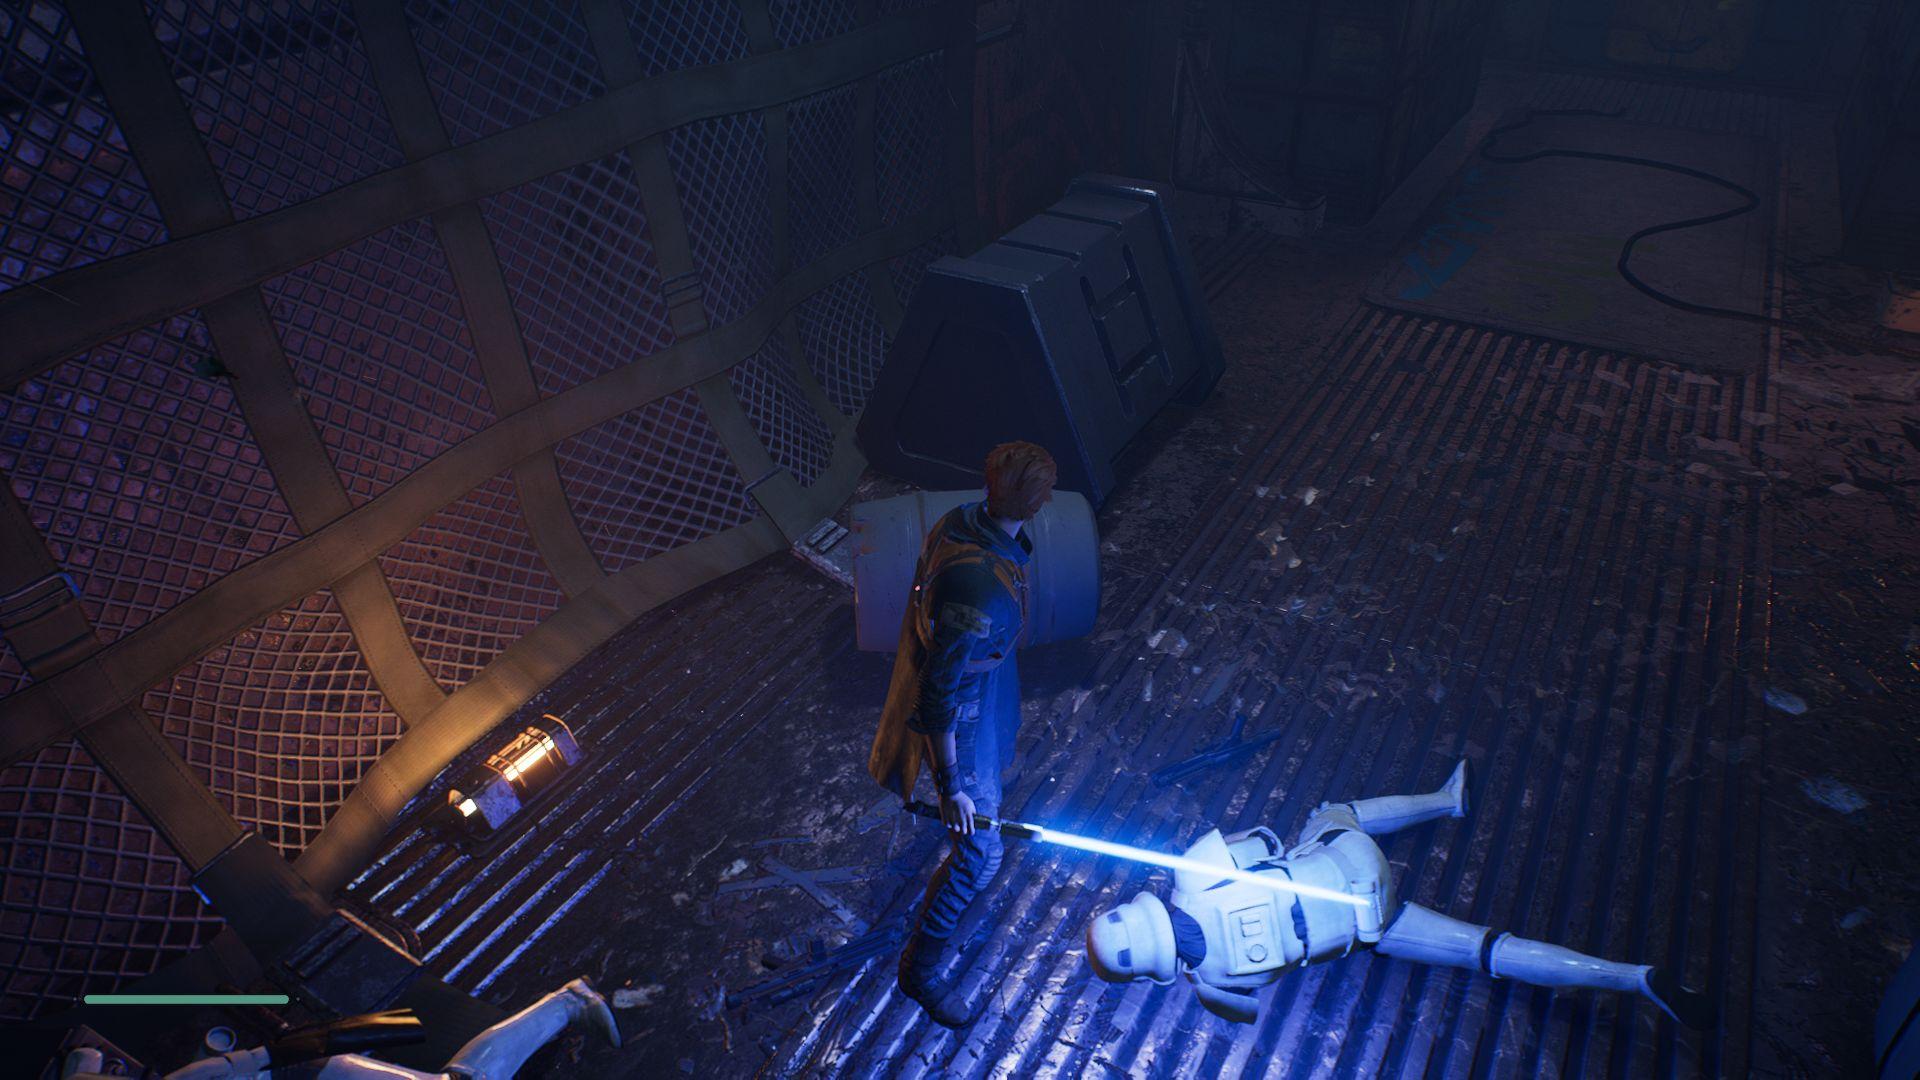 00076.Jpg - Star Wars Jedi: Fallen Order